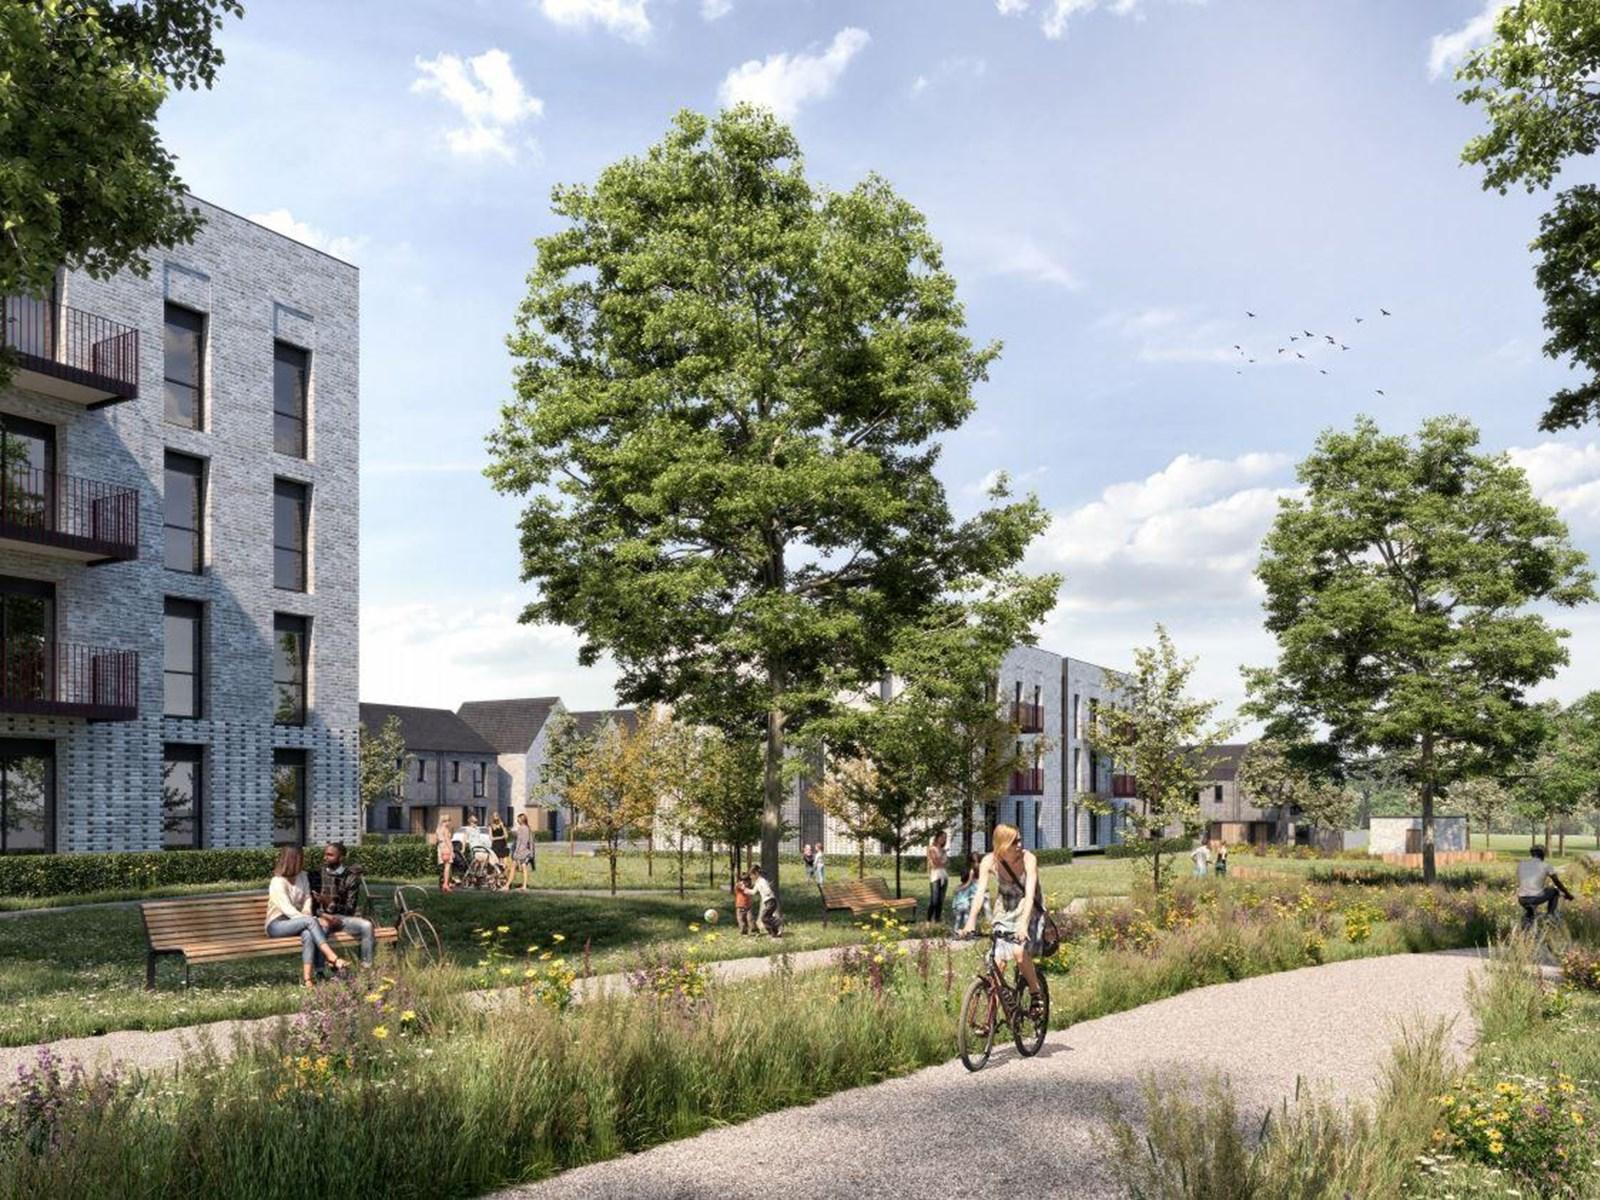 L&G begins work on major modular housing scheme in Bristol